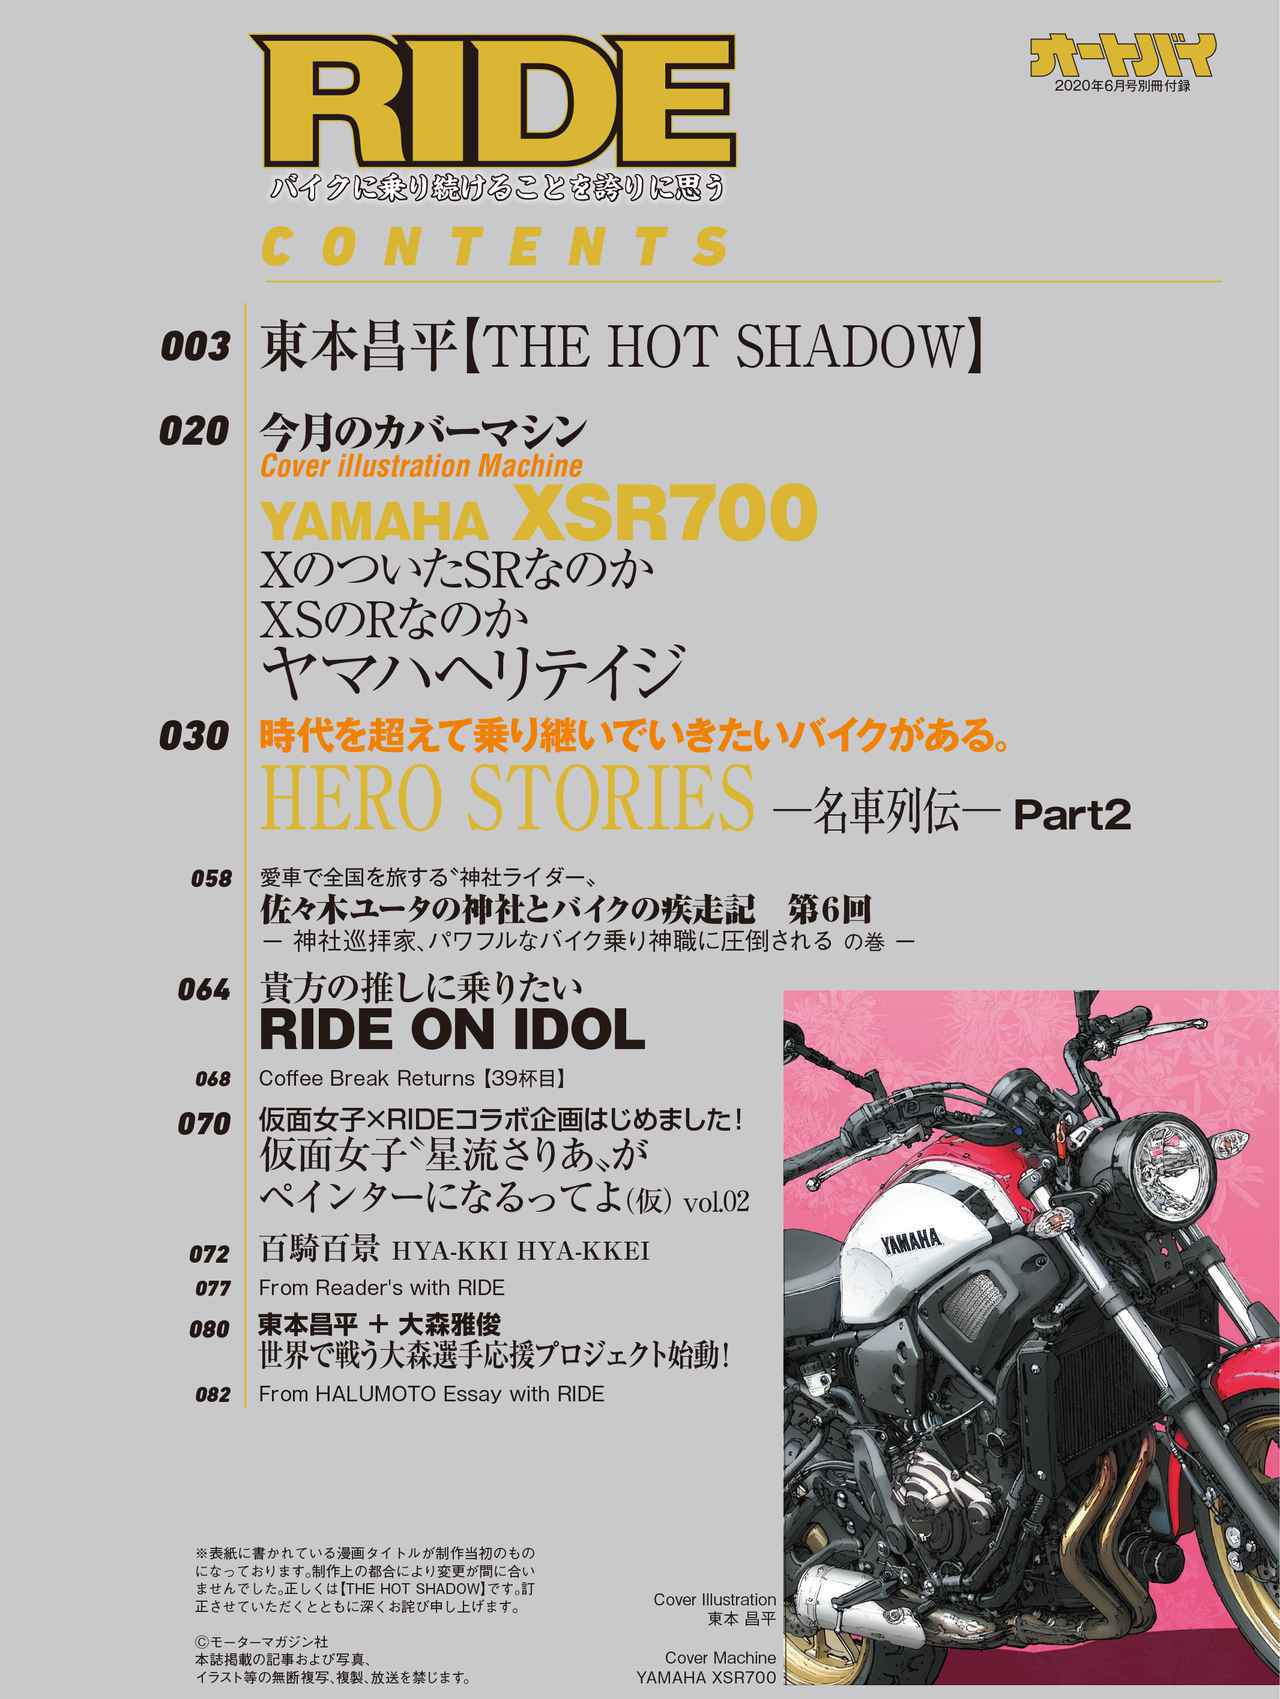 画像6: 月刊『オートバイ』6月号は4月30日(木)発売! 原付二種からビッグバイクまで、いま話題の新型車を徹底解説!